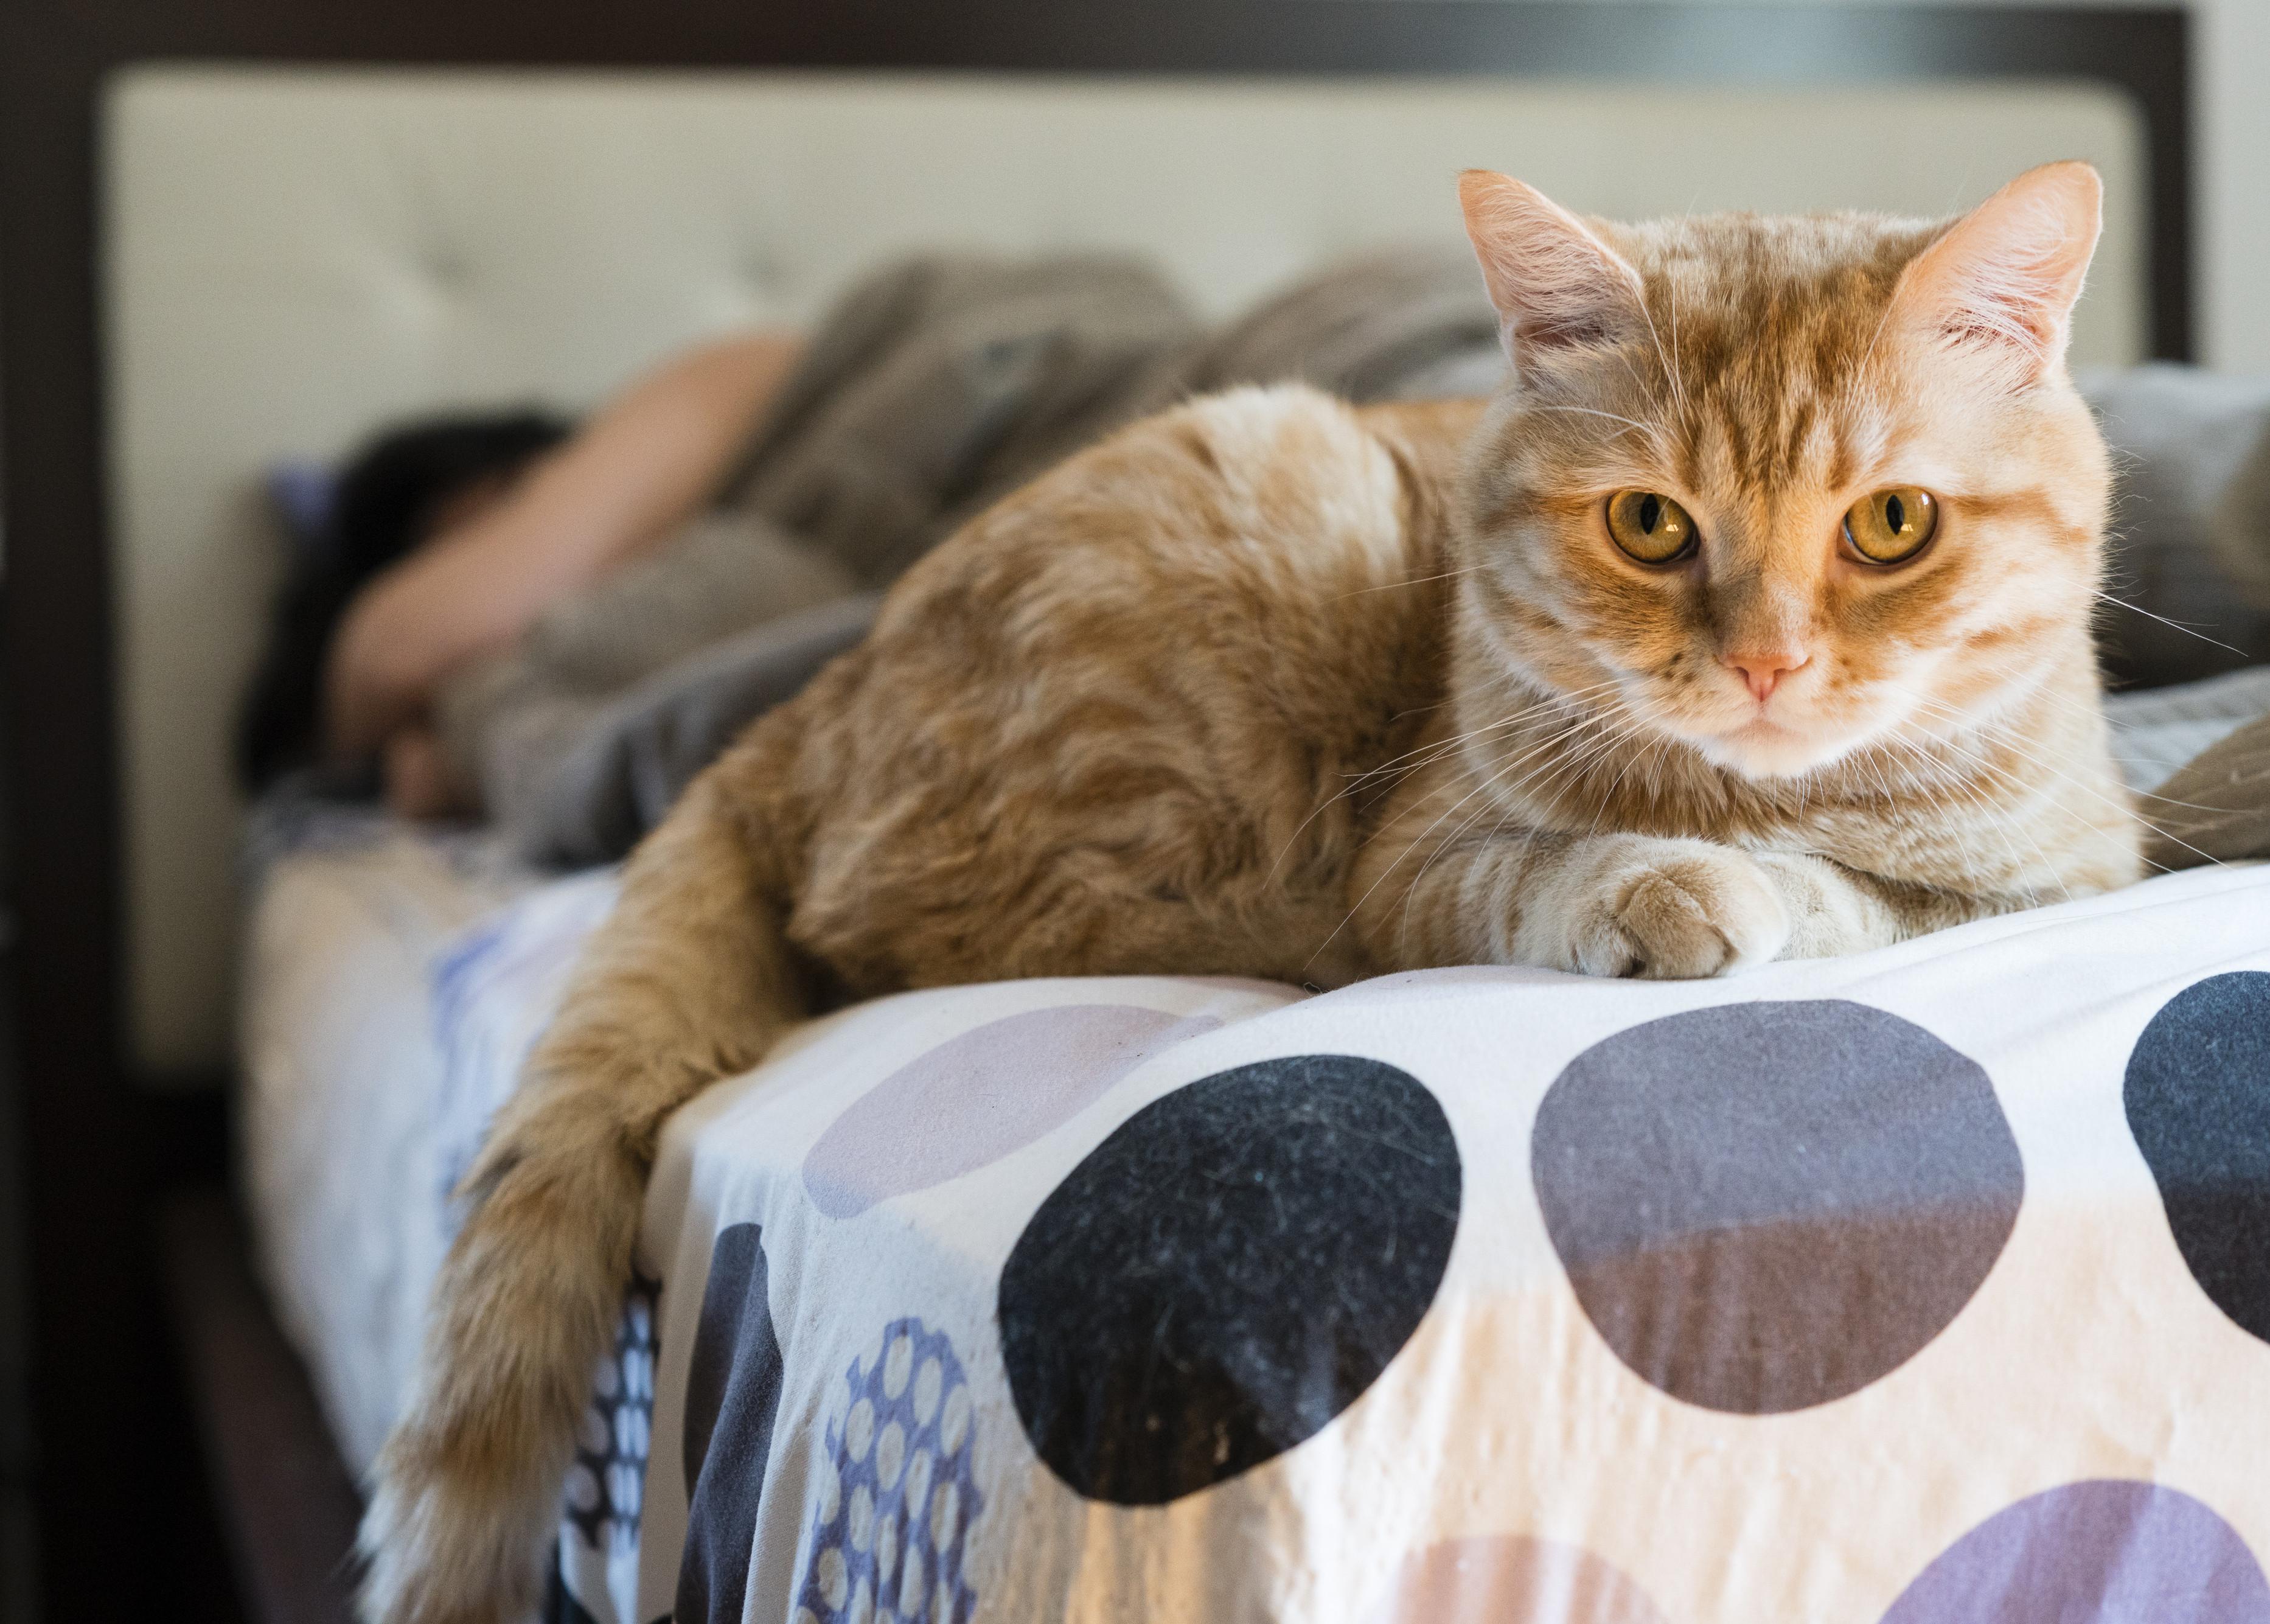 Seis atitudes dos donos que os gatos detestam. Está avisado